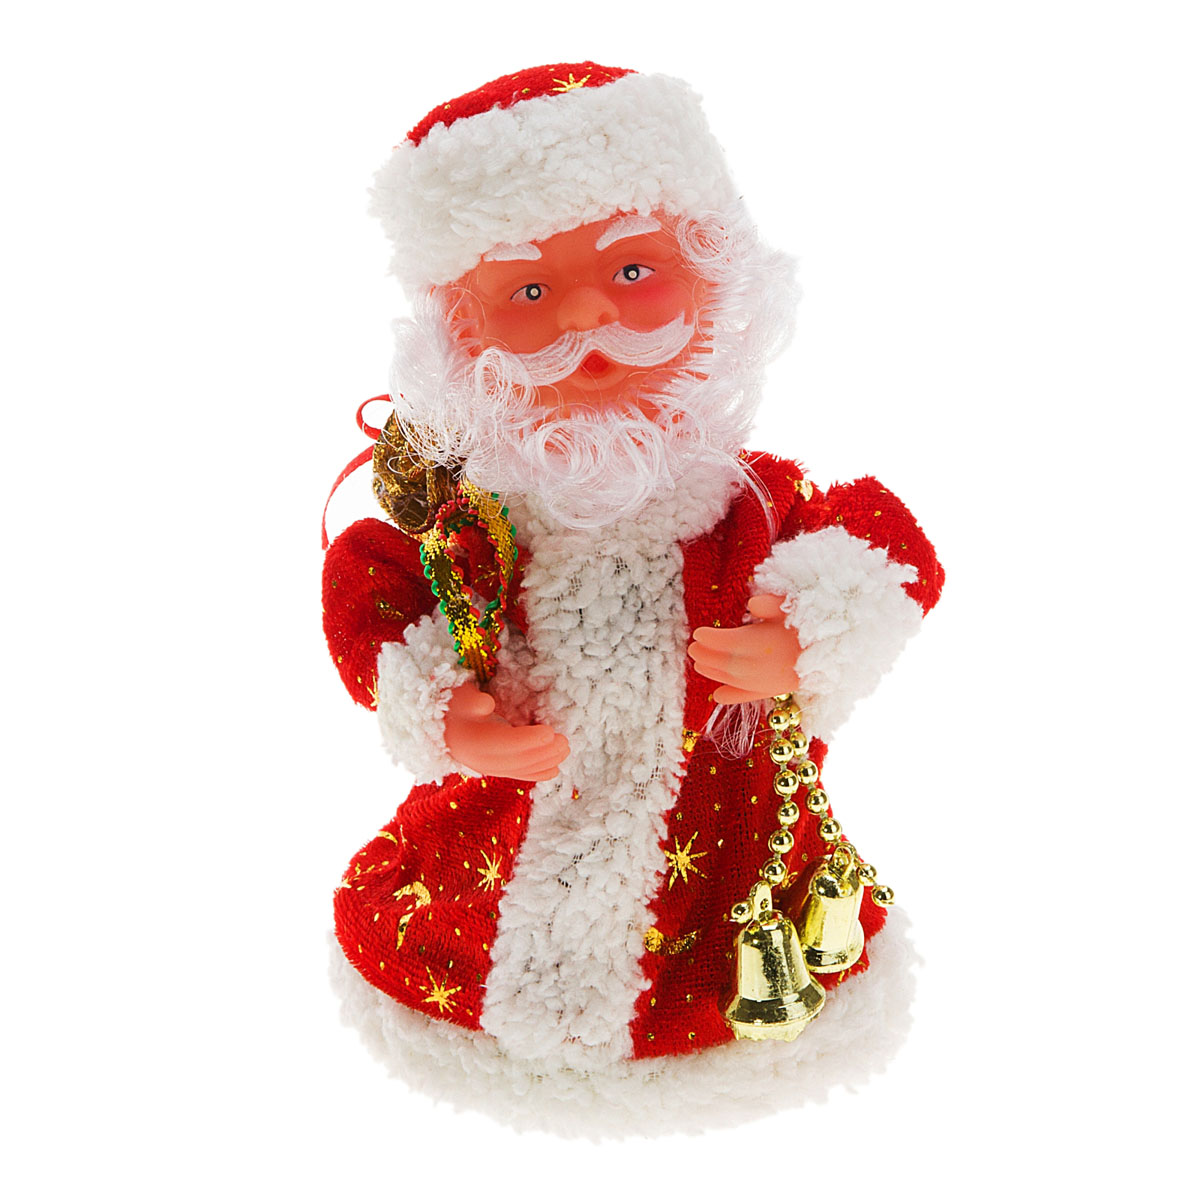 Новогодняя декоративная фигурка Sima-land Дед Мороз, анимированная, высота 18 см. 827789 игровые фигурки maxitoys фигура дед мороз в плетеном кресле музыкальный